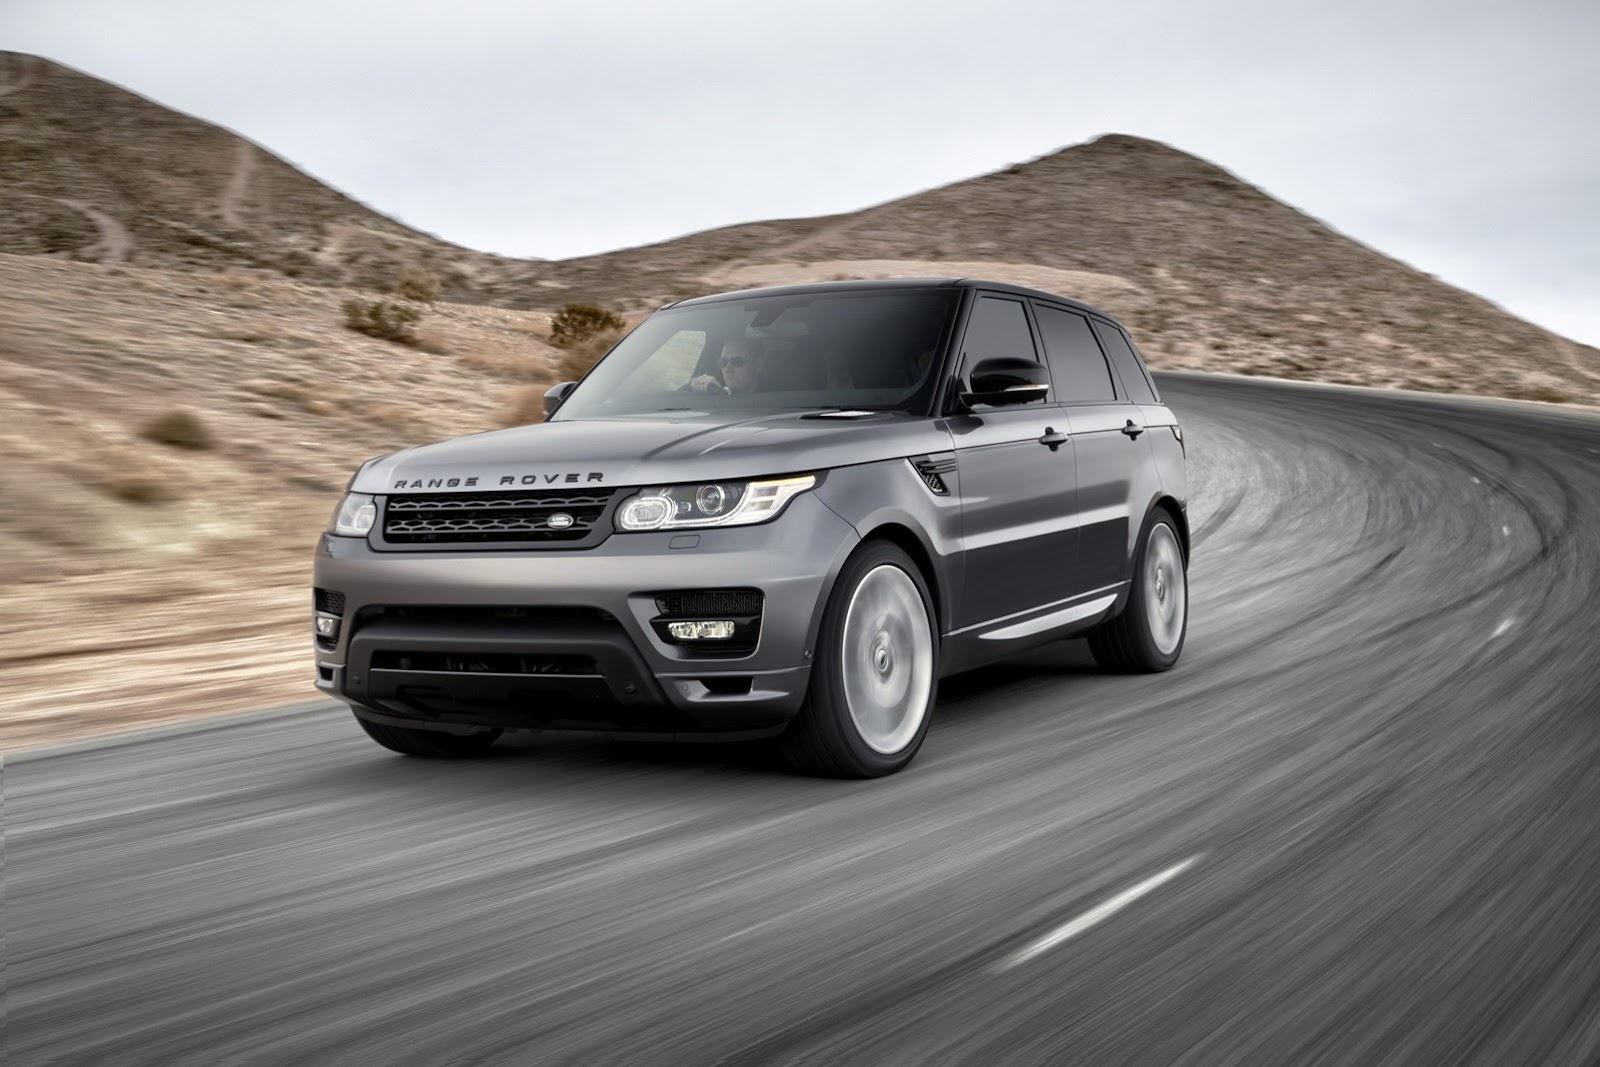 2014-Range-Rover-Sport-24[2].jpg